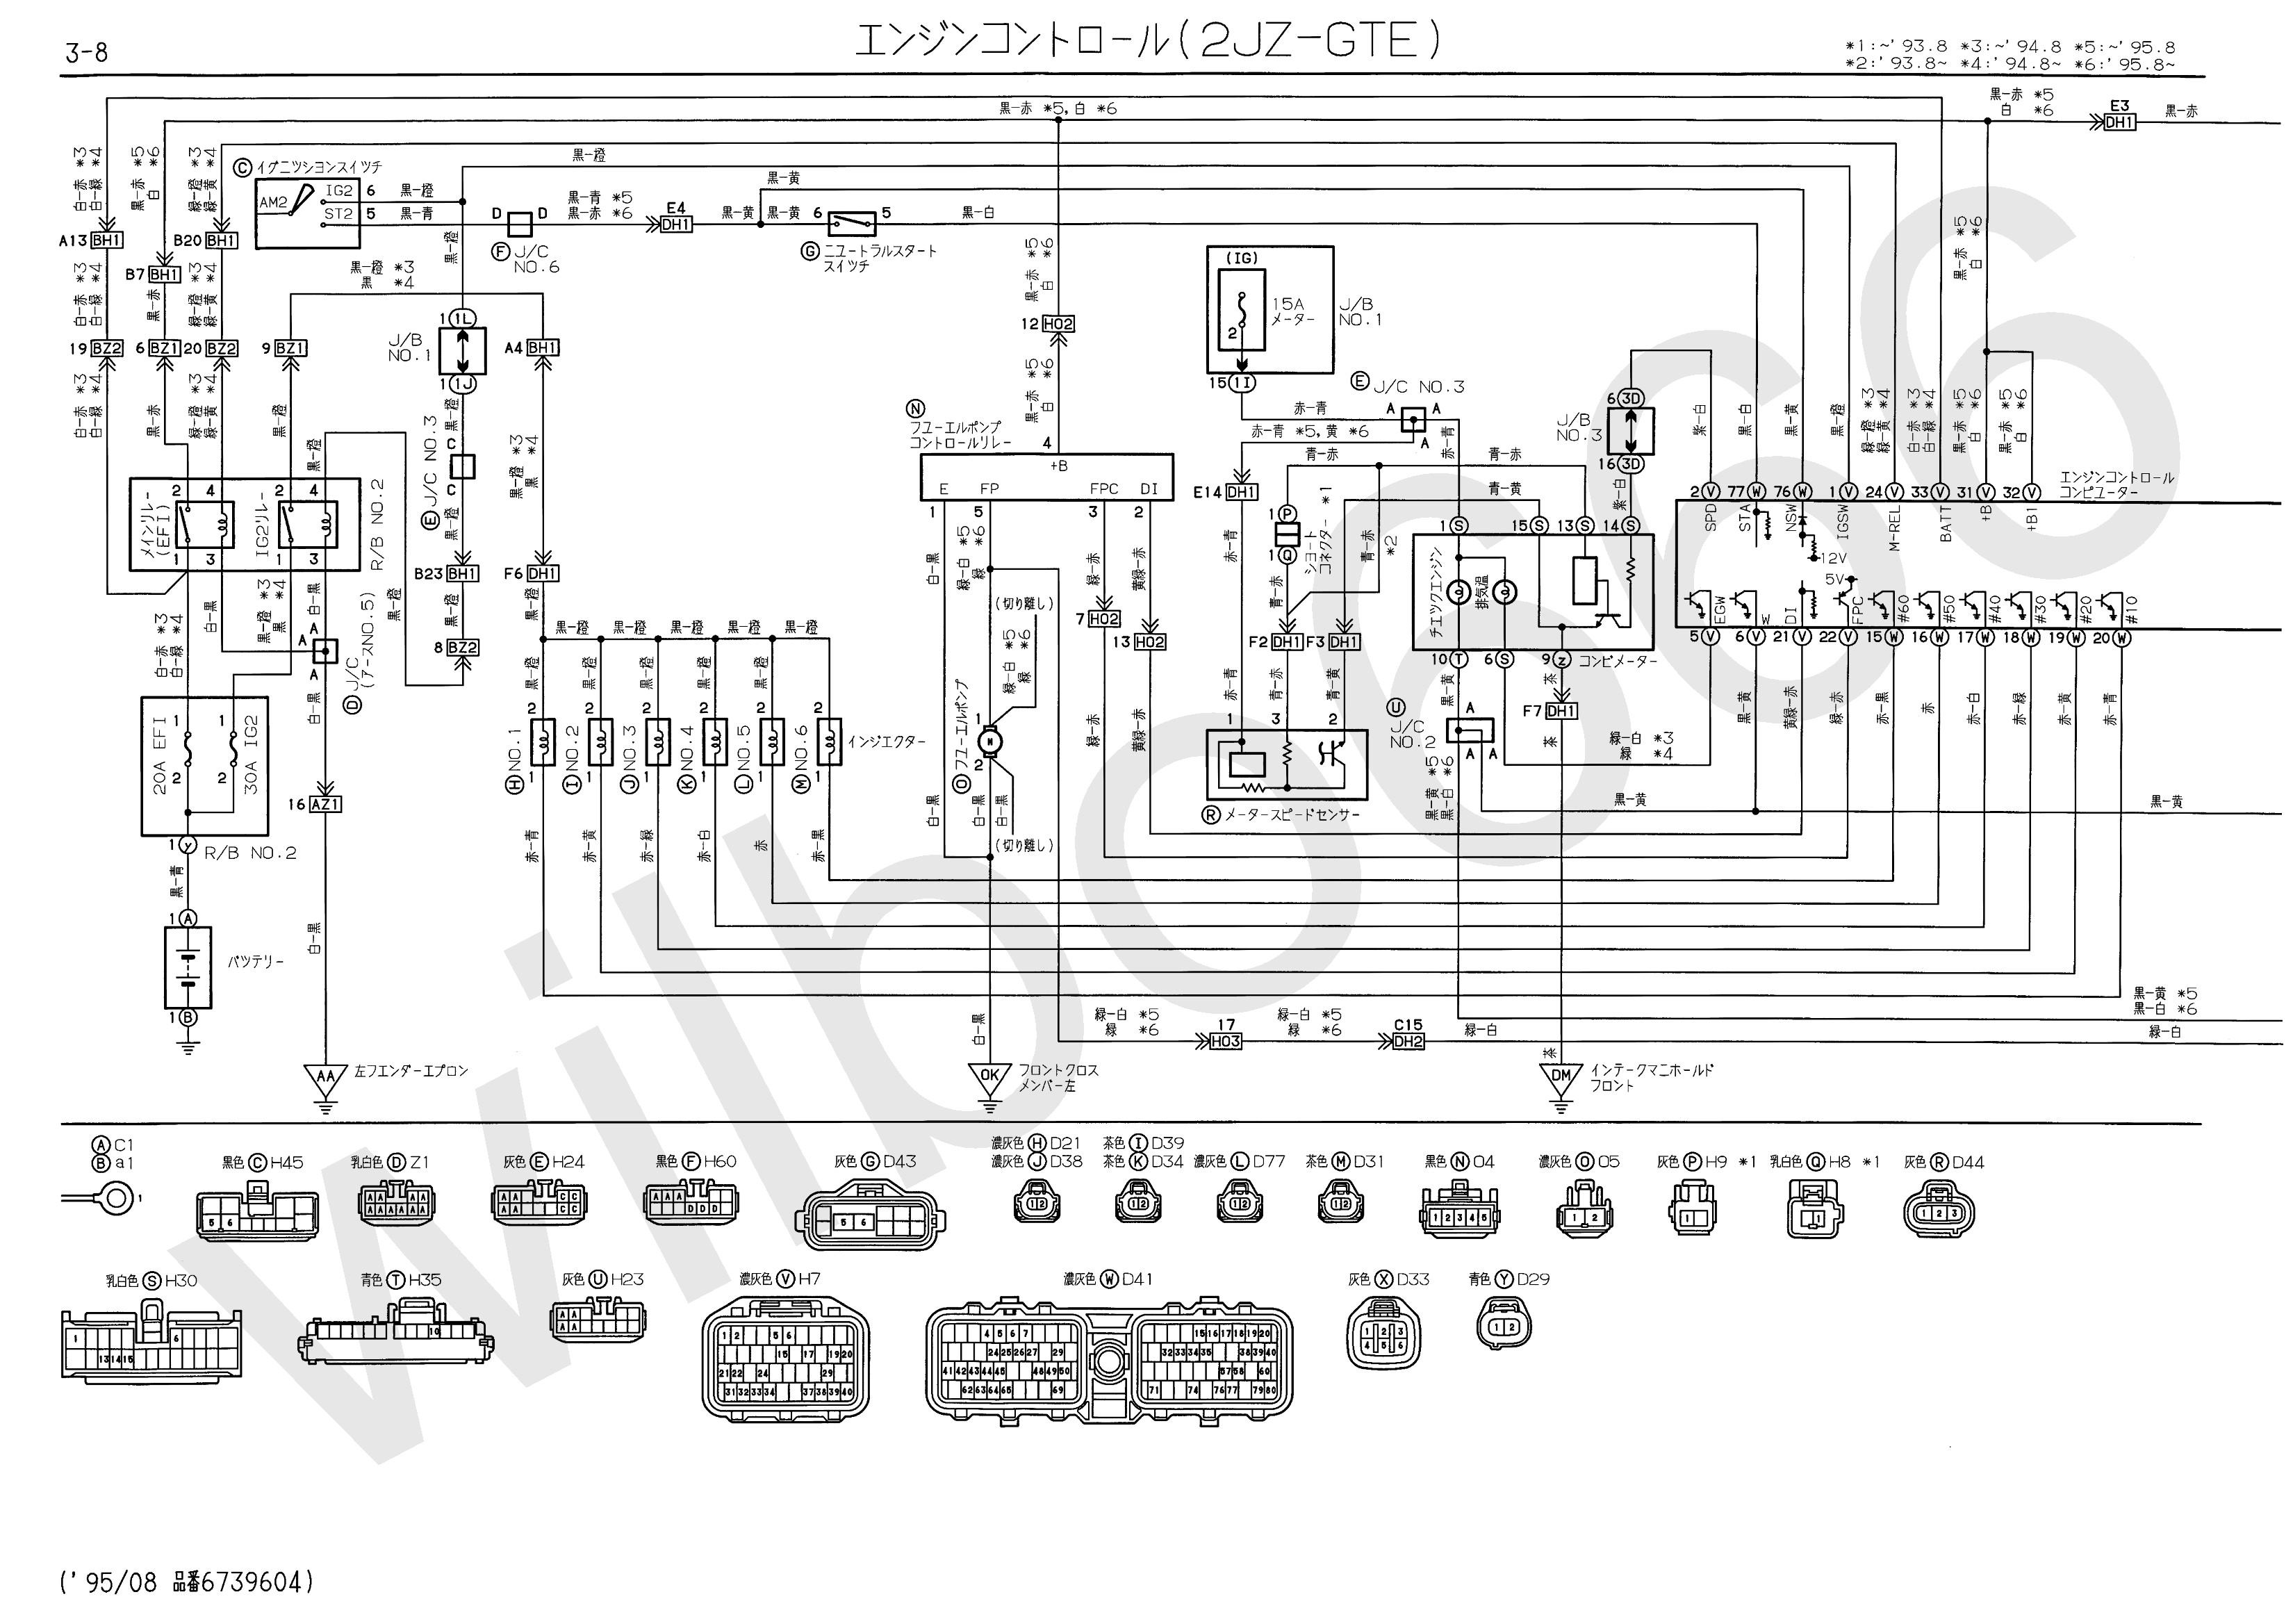 Engine Coolant Temperature Sensor Wiring Diagram Wilbo666 2jz Gte Jzs147 Aristo Engine Wiring Of Engine Coolant Temperature Sensor Wiring Diagram